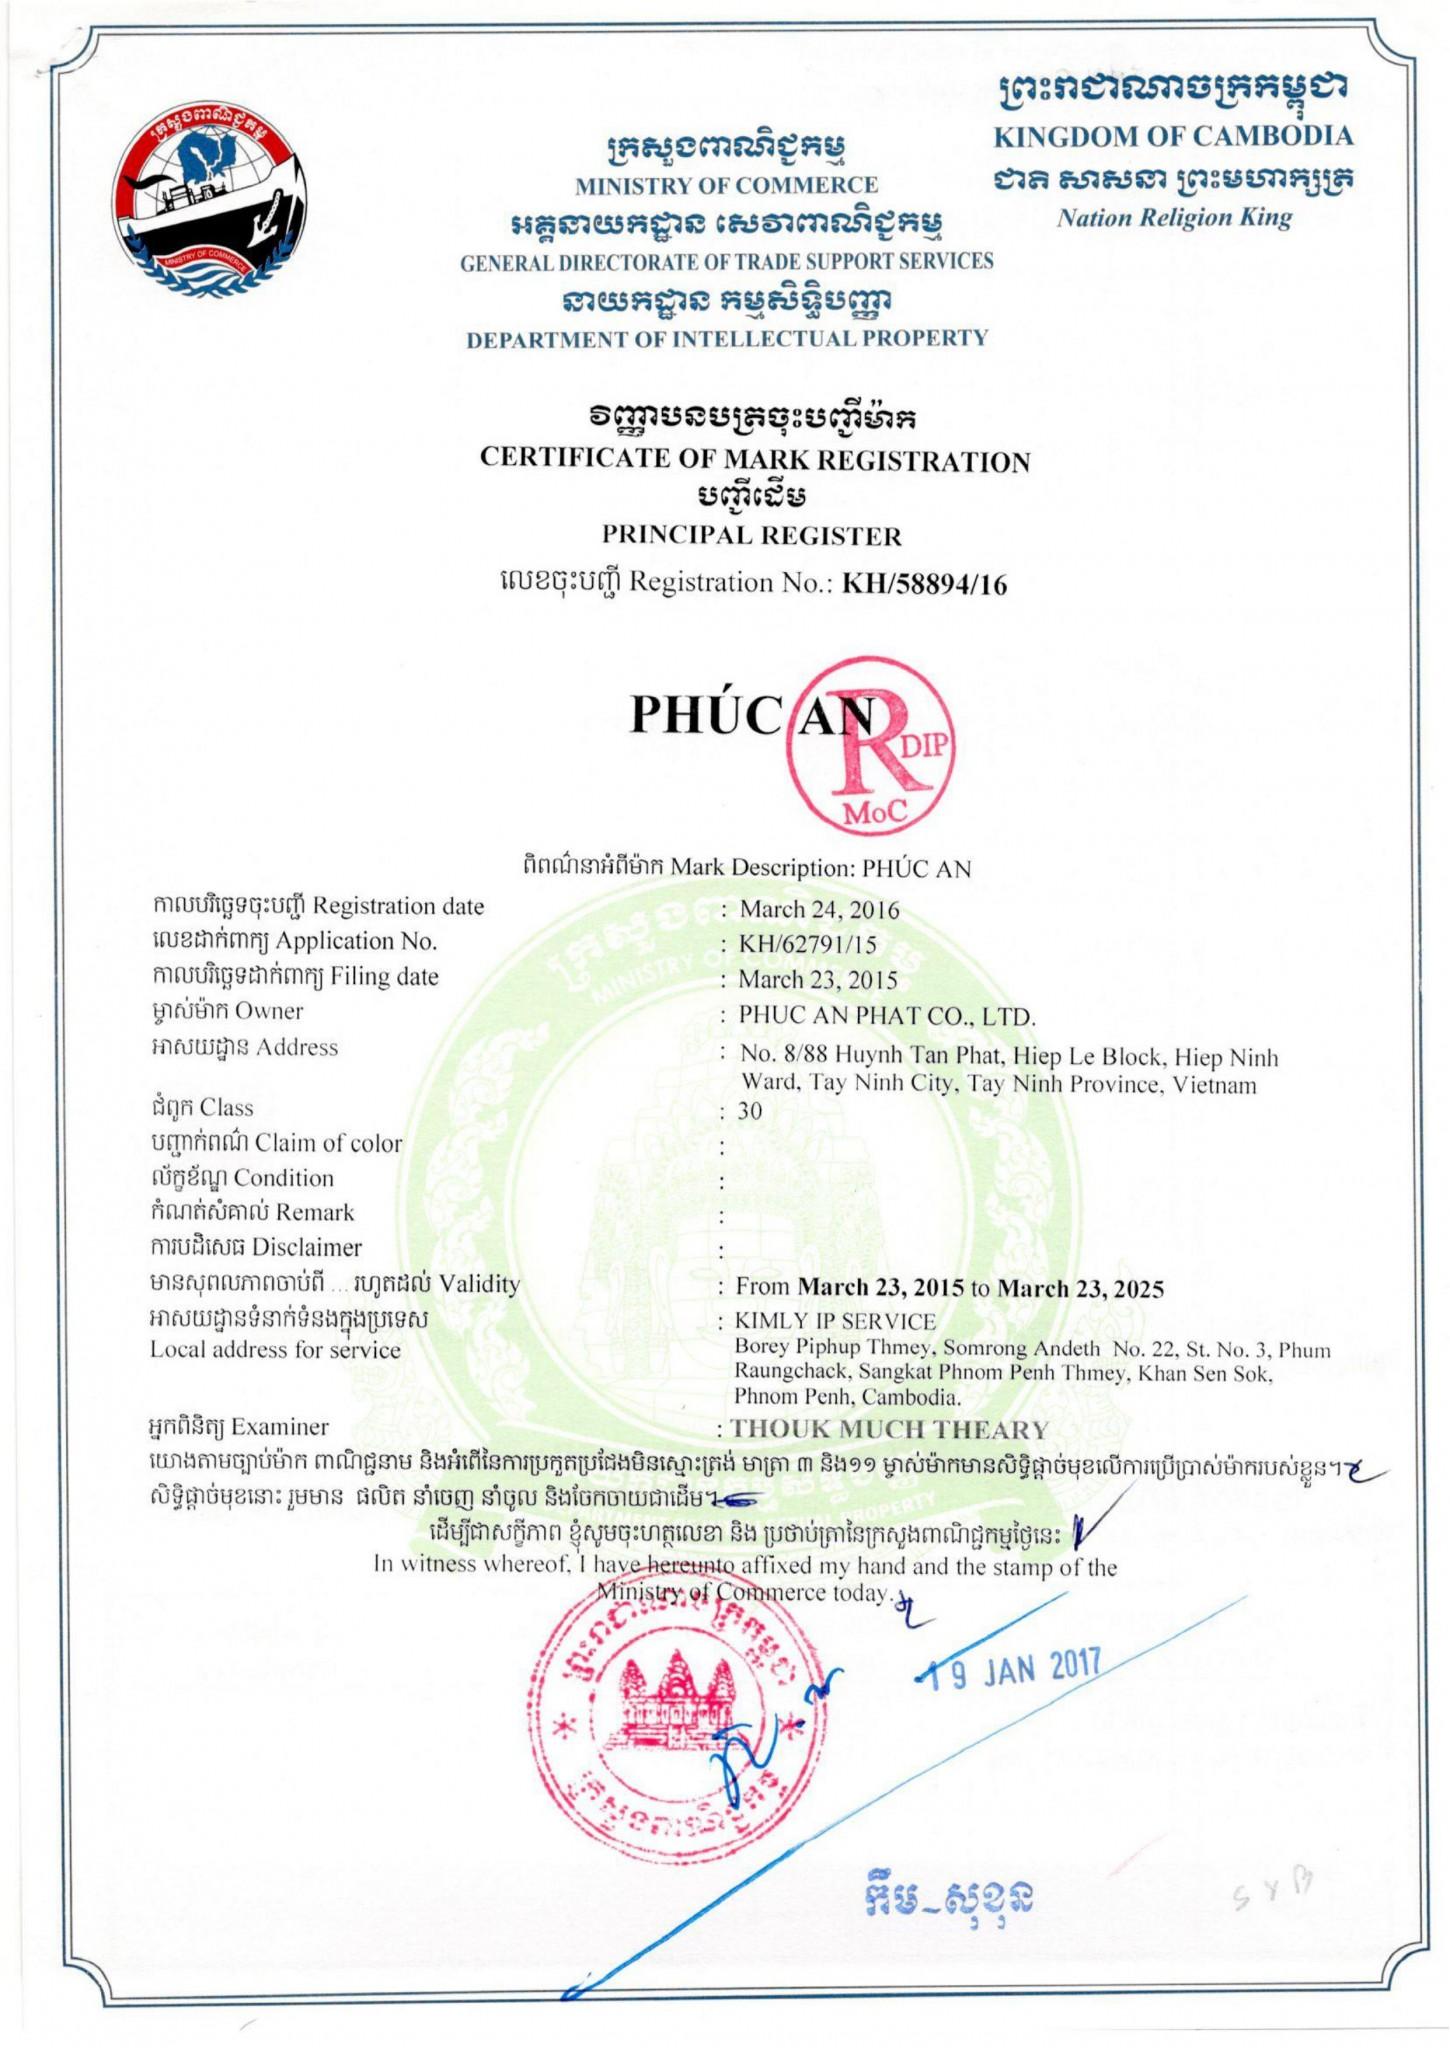 Đăng ký thành công nhãn hiệu ở Campuchia cho doanh nghiệp Việt Nam